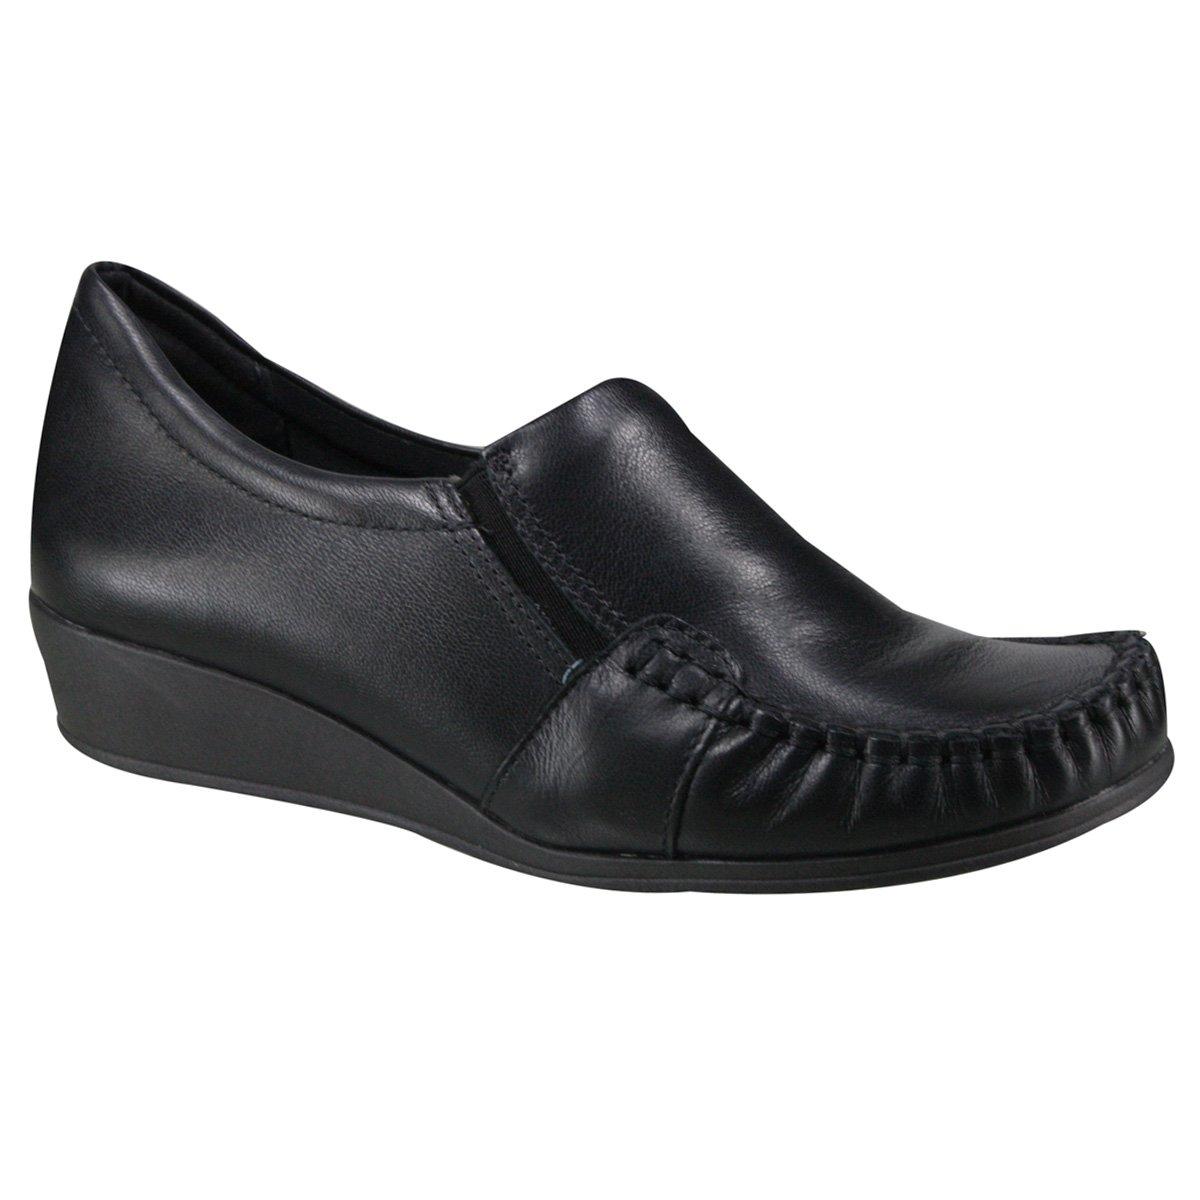 e4d6410ad4 Sapato Anabela Comfortflex 17-93303 Preto (Napa Vestuário)